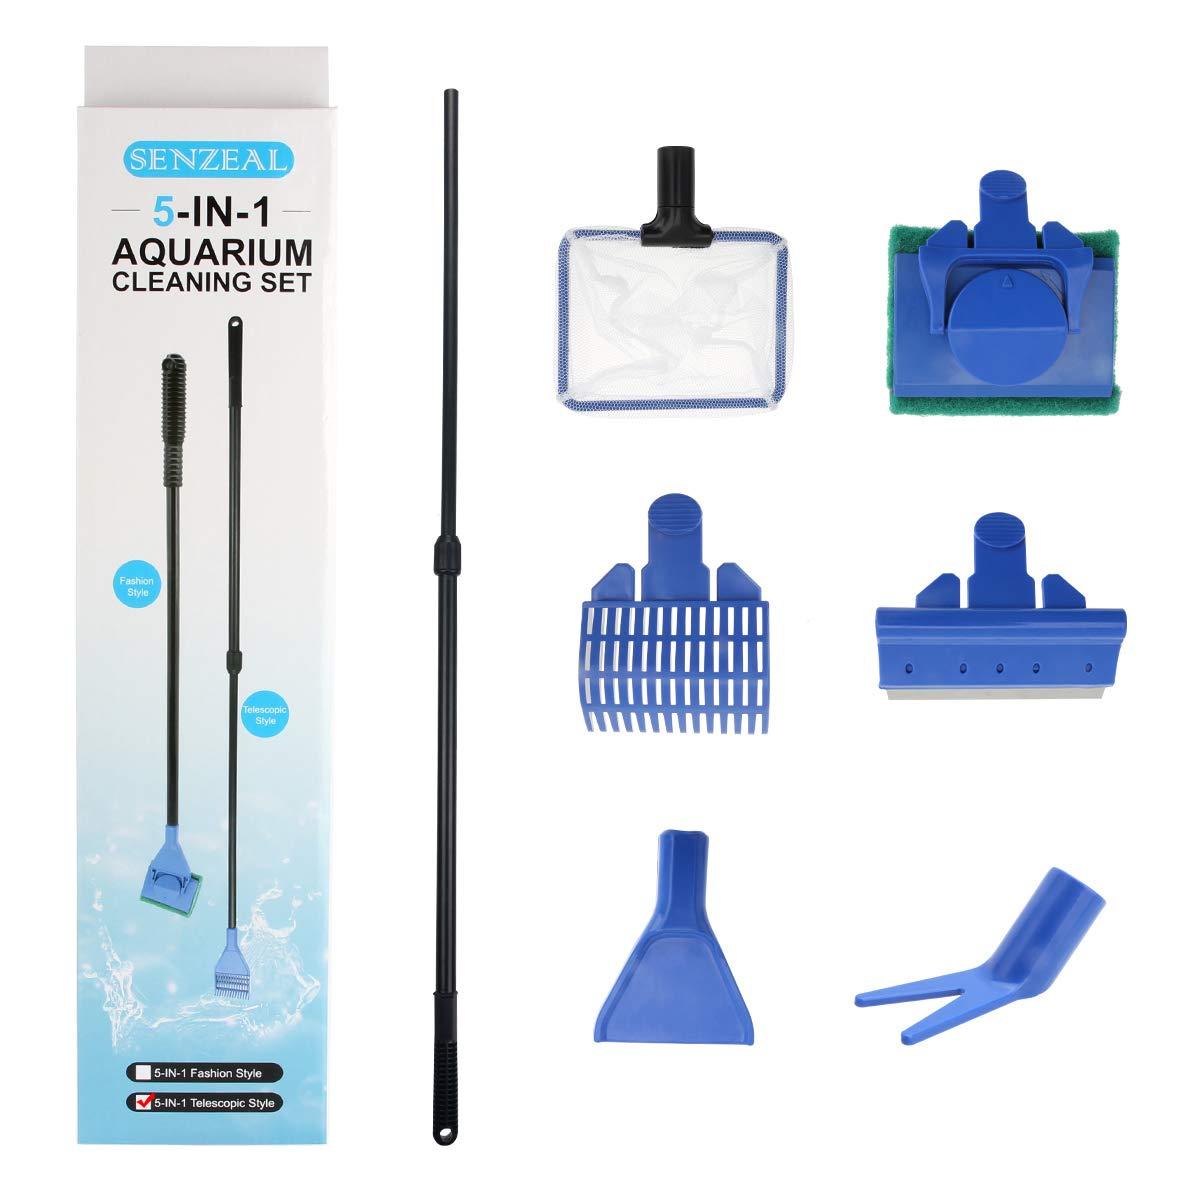 Senzeal Aquarium Fish Tank Clean Set 5 in 1 Fish Tank Cleaning Tools Long Handle Aquarium Cleaning Kit for Aquarium Telescopic Cleaning